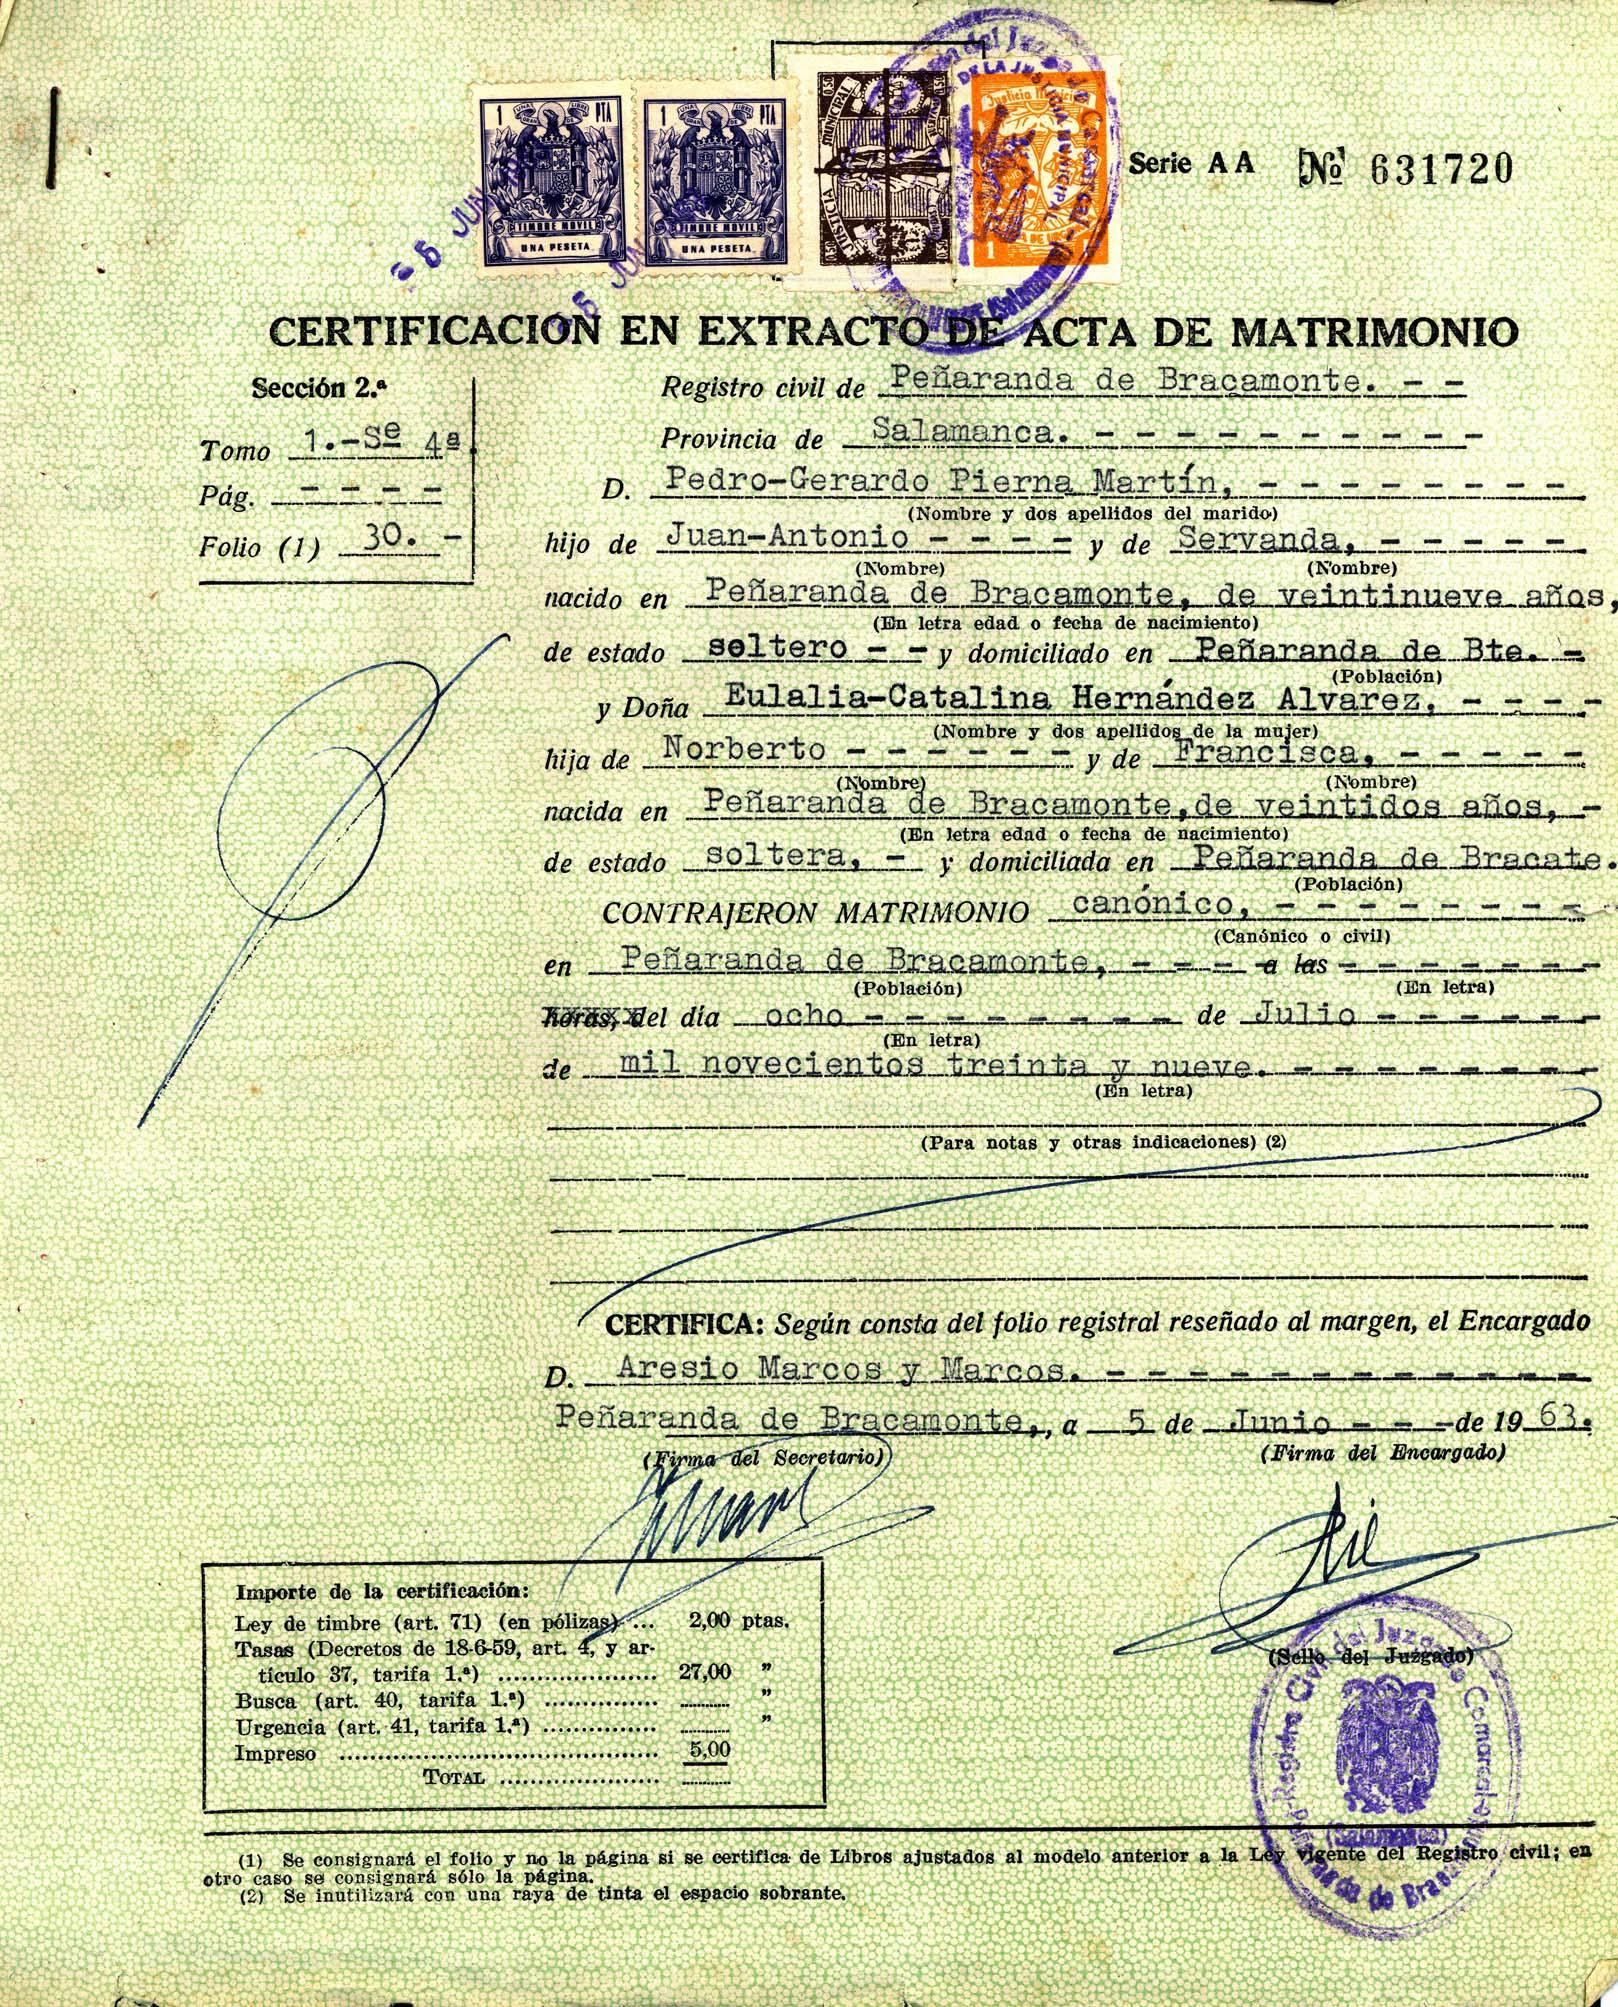 Certificación en extracto de acta de matrimonio